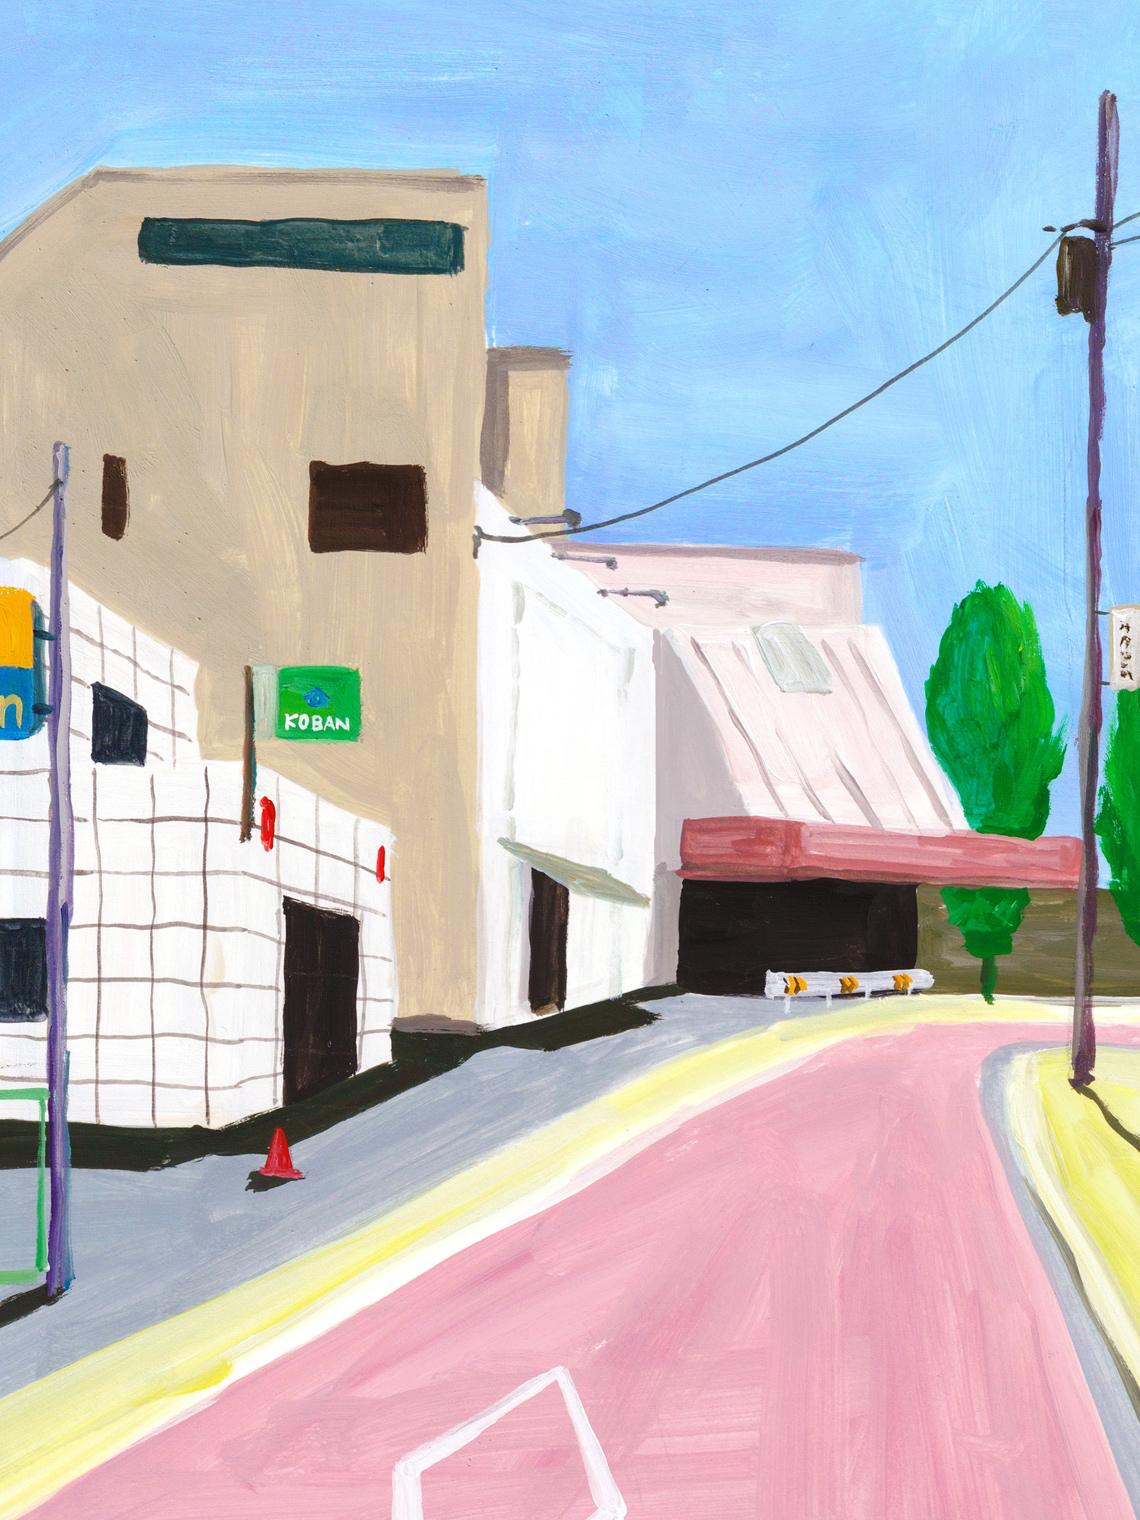 自律走行時代の「地図」は、物語を共有するツールへと回帰していく:Placy鈴木綜真連載『Cultivating The CityOS』第2章 | WIRED.jp